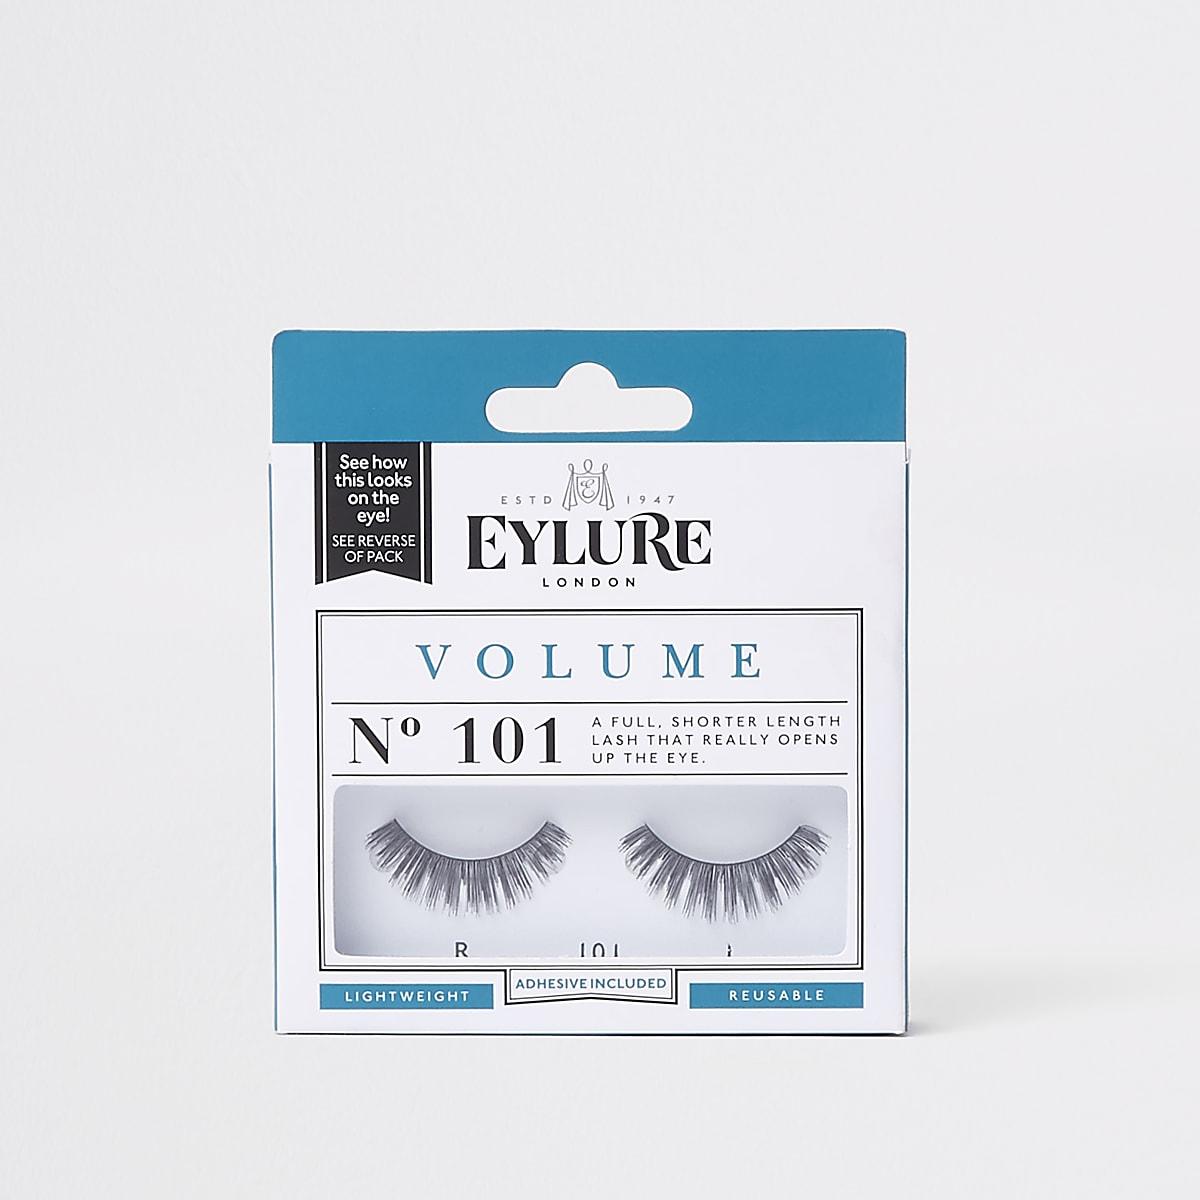 Eylure volume 101 false eyelashes